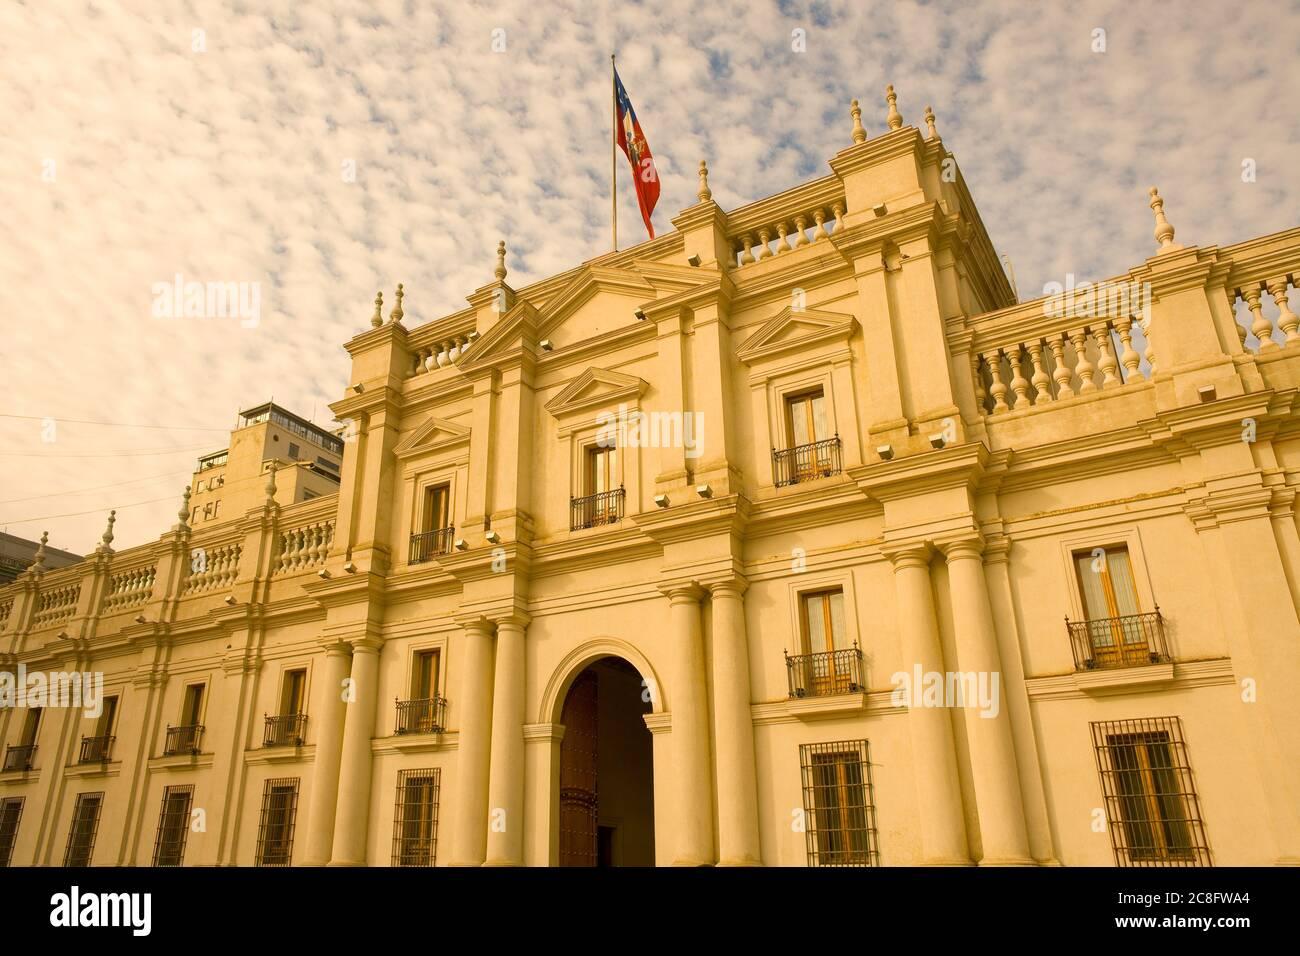 Palacio de la Moneda, ou la Moneda, palais présidentiel et gouvernemental chilien au centre-ville de Santiago du Chili Banque D'Images